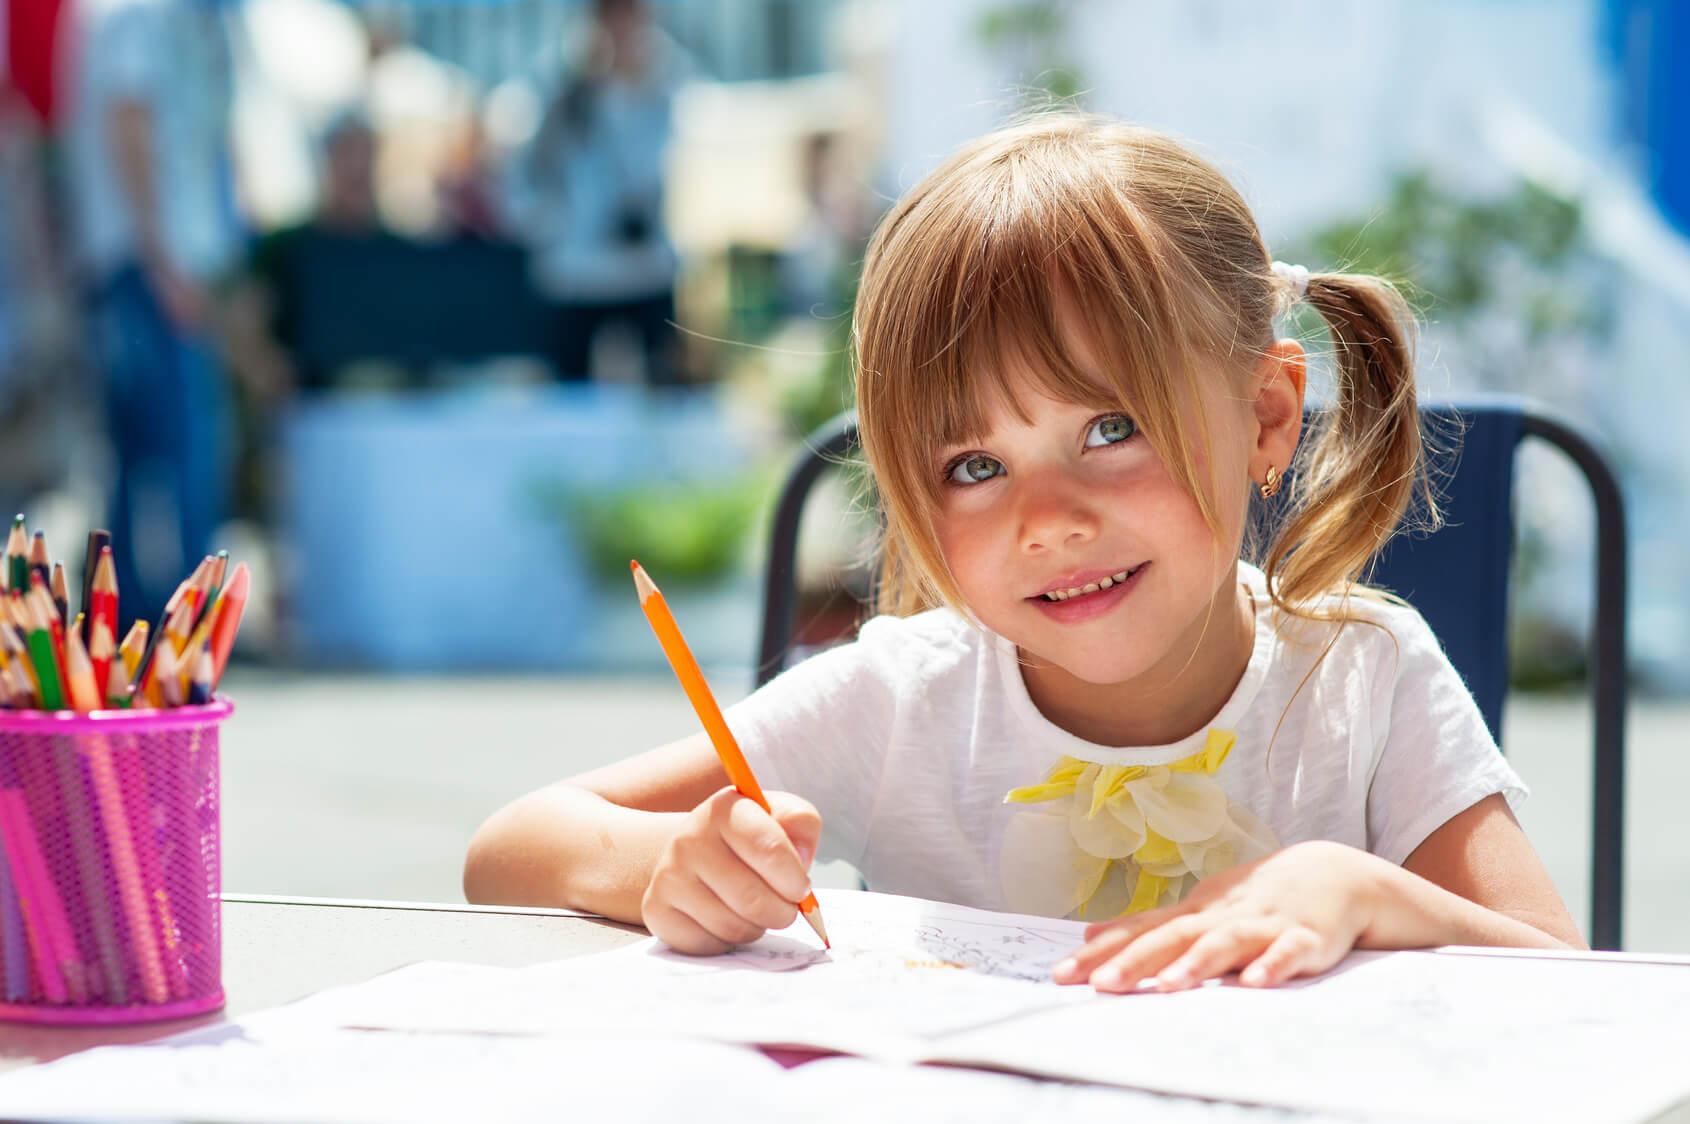 Cel diagnozy oraz trudności diagnostyczne dzieci z Całościowymi Zaburzeniami Rozwoju (w tym z autyzmem)